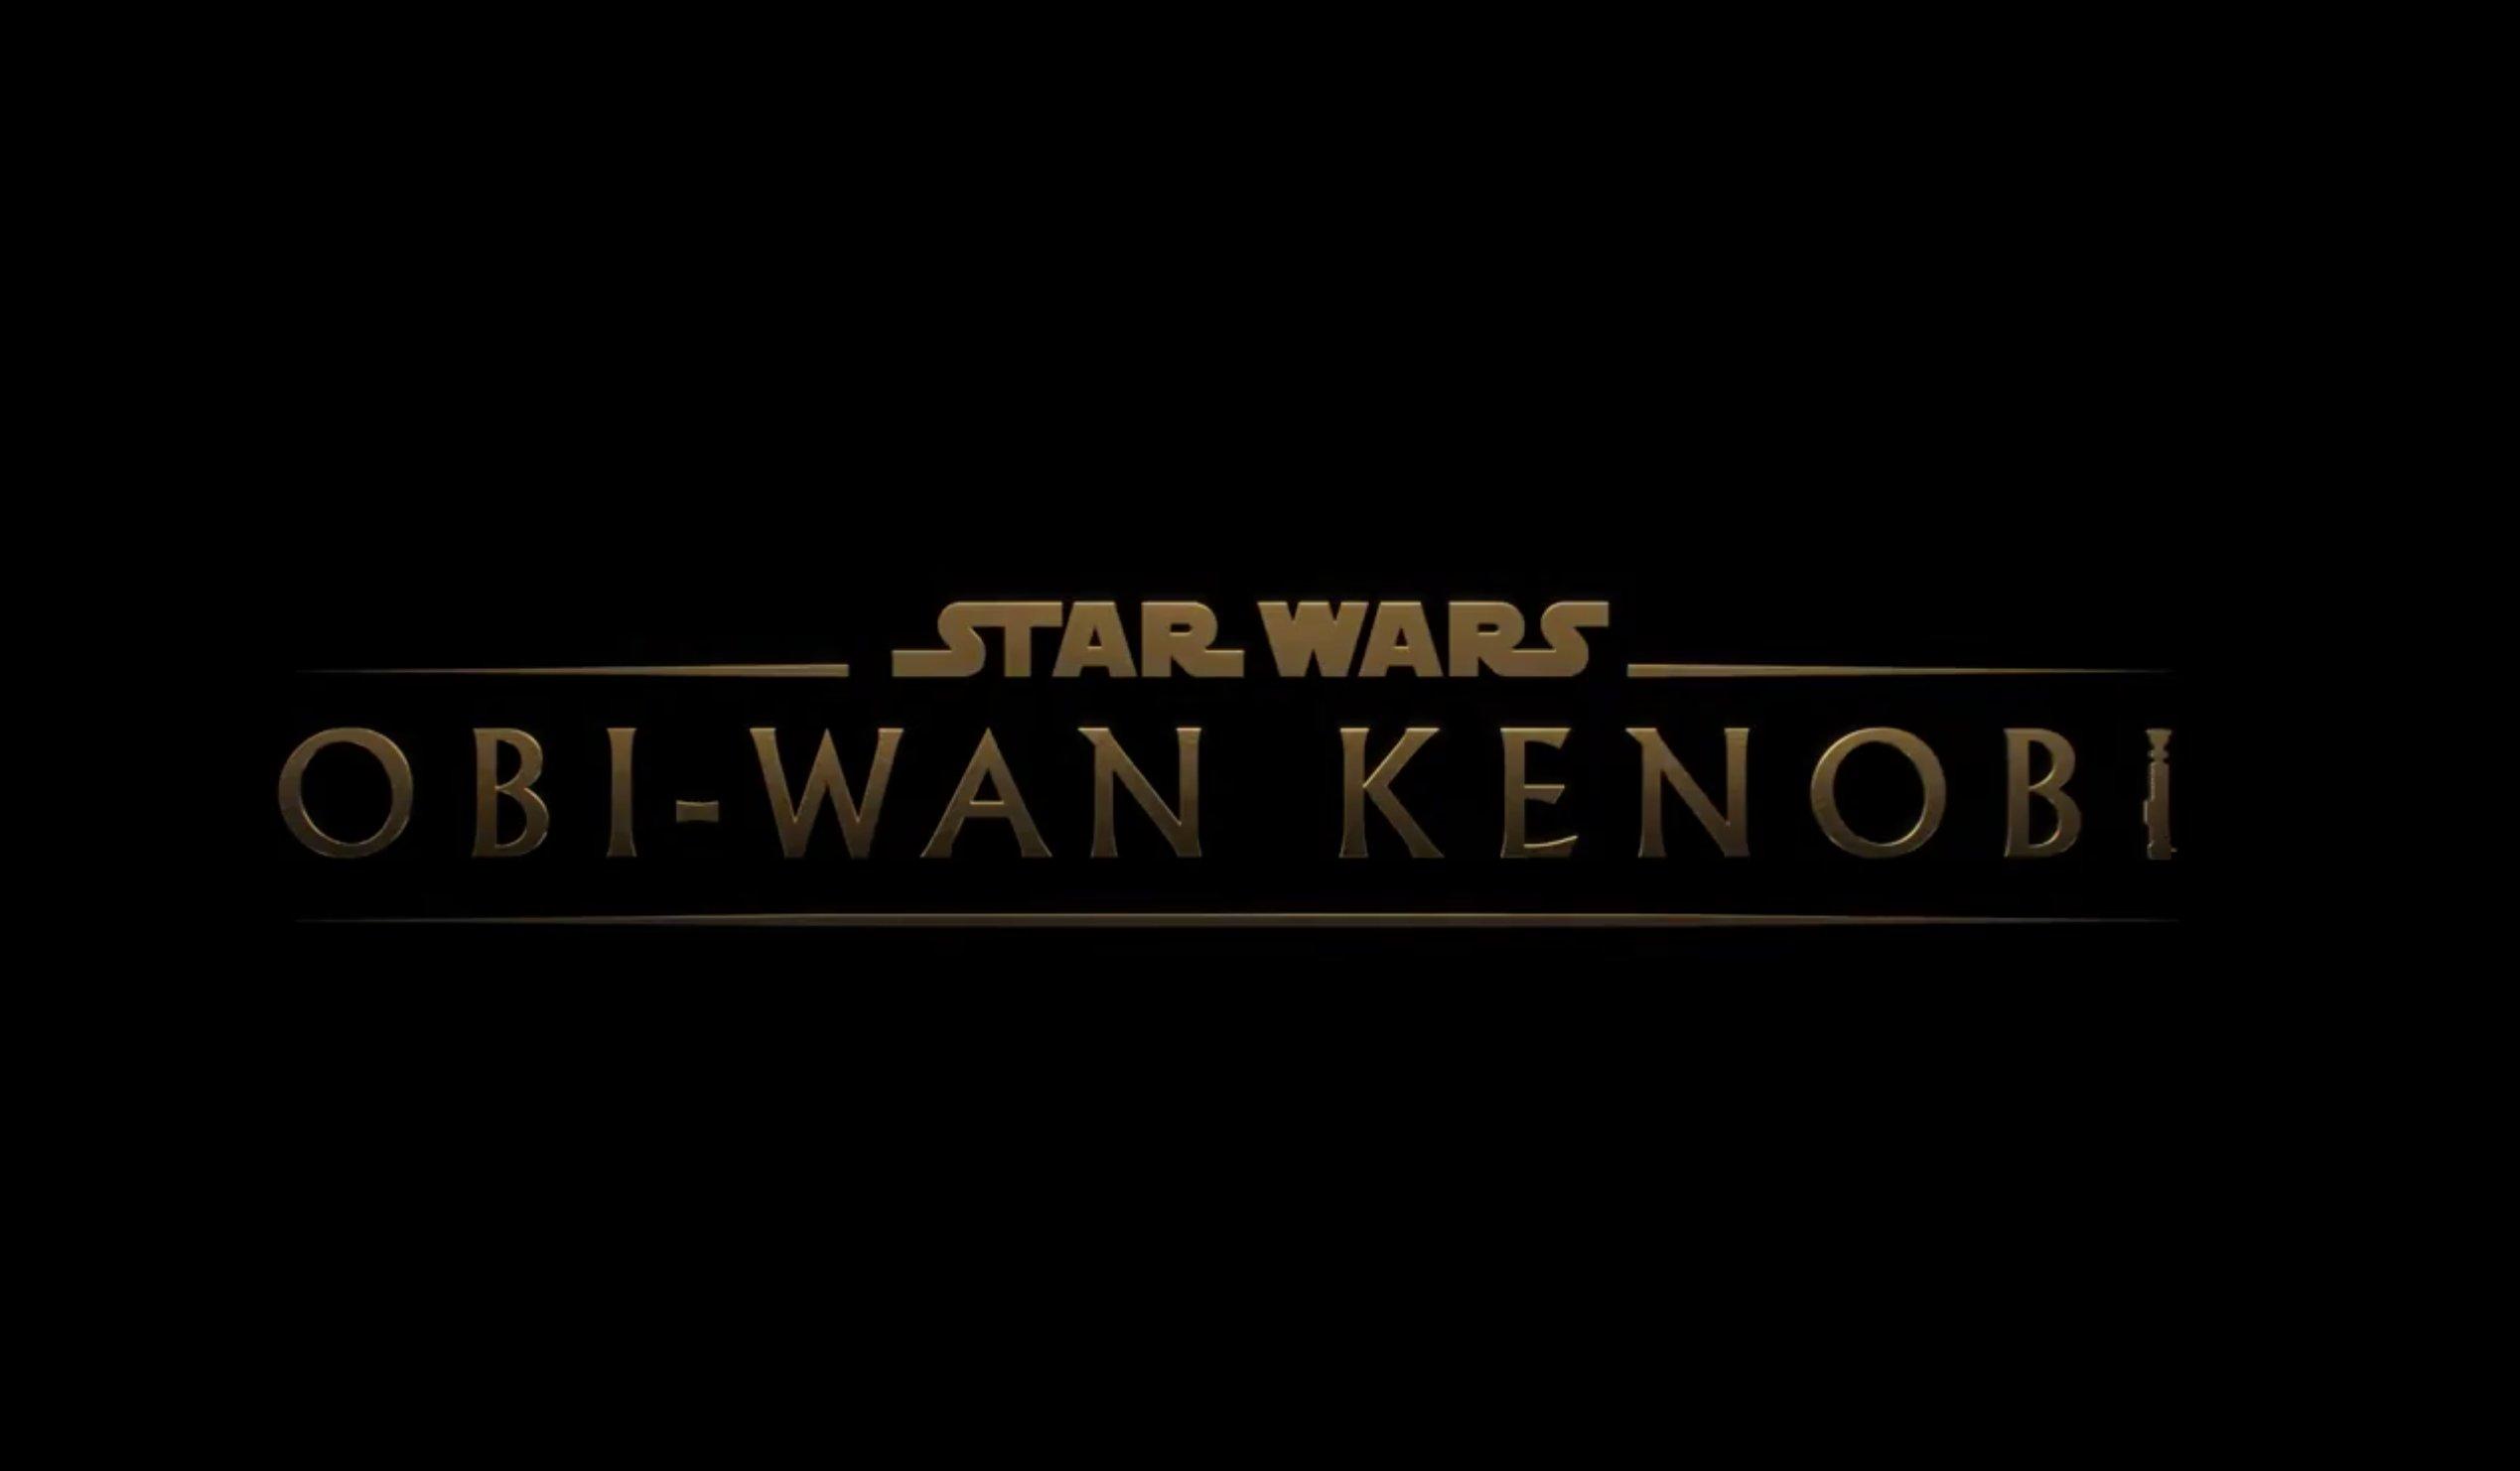 Obi-Wan Kenobi Series: Hayden Christensen Will Play Darth Vader